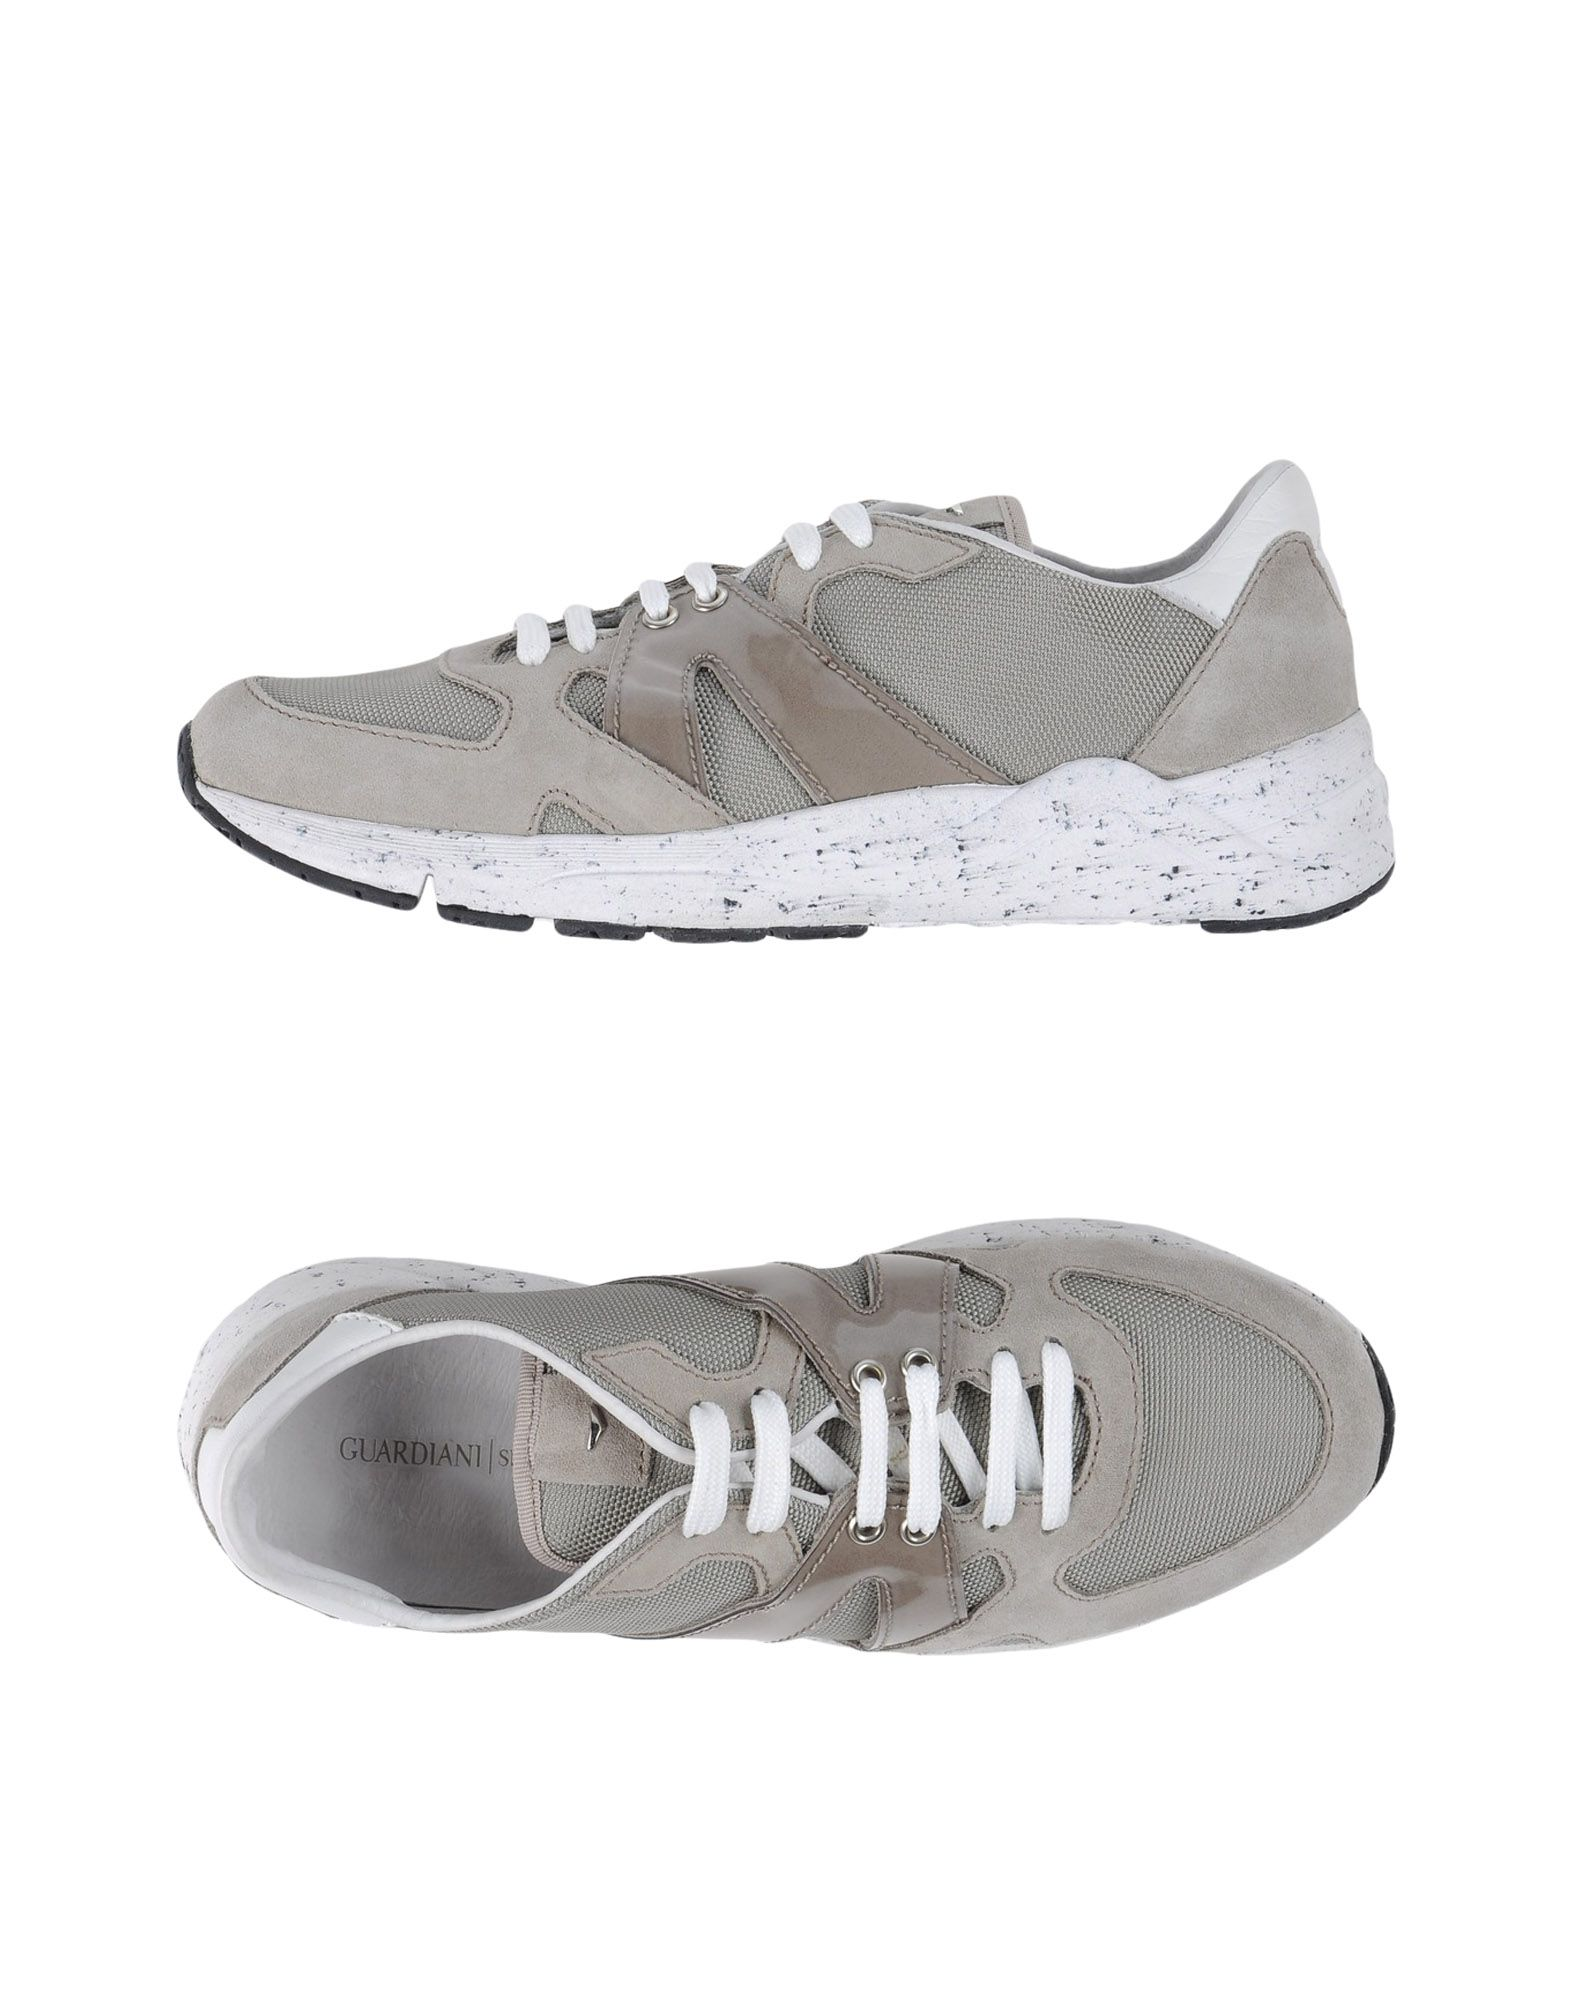 GUARDIANI SPORT Herren Low Sneakers & Tennisschuhe Farbe Grau Größe 9 - broschei